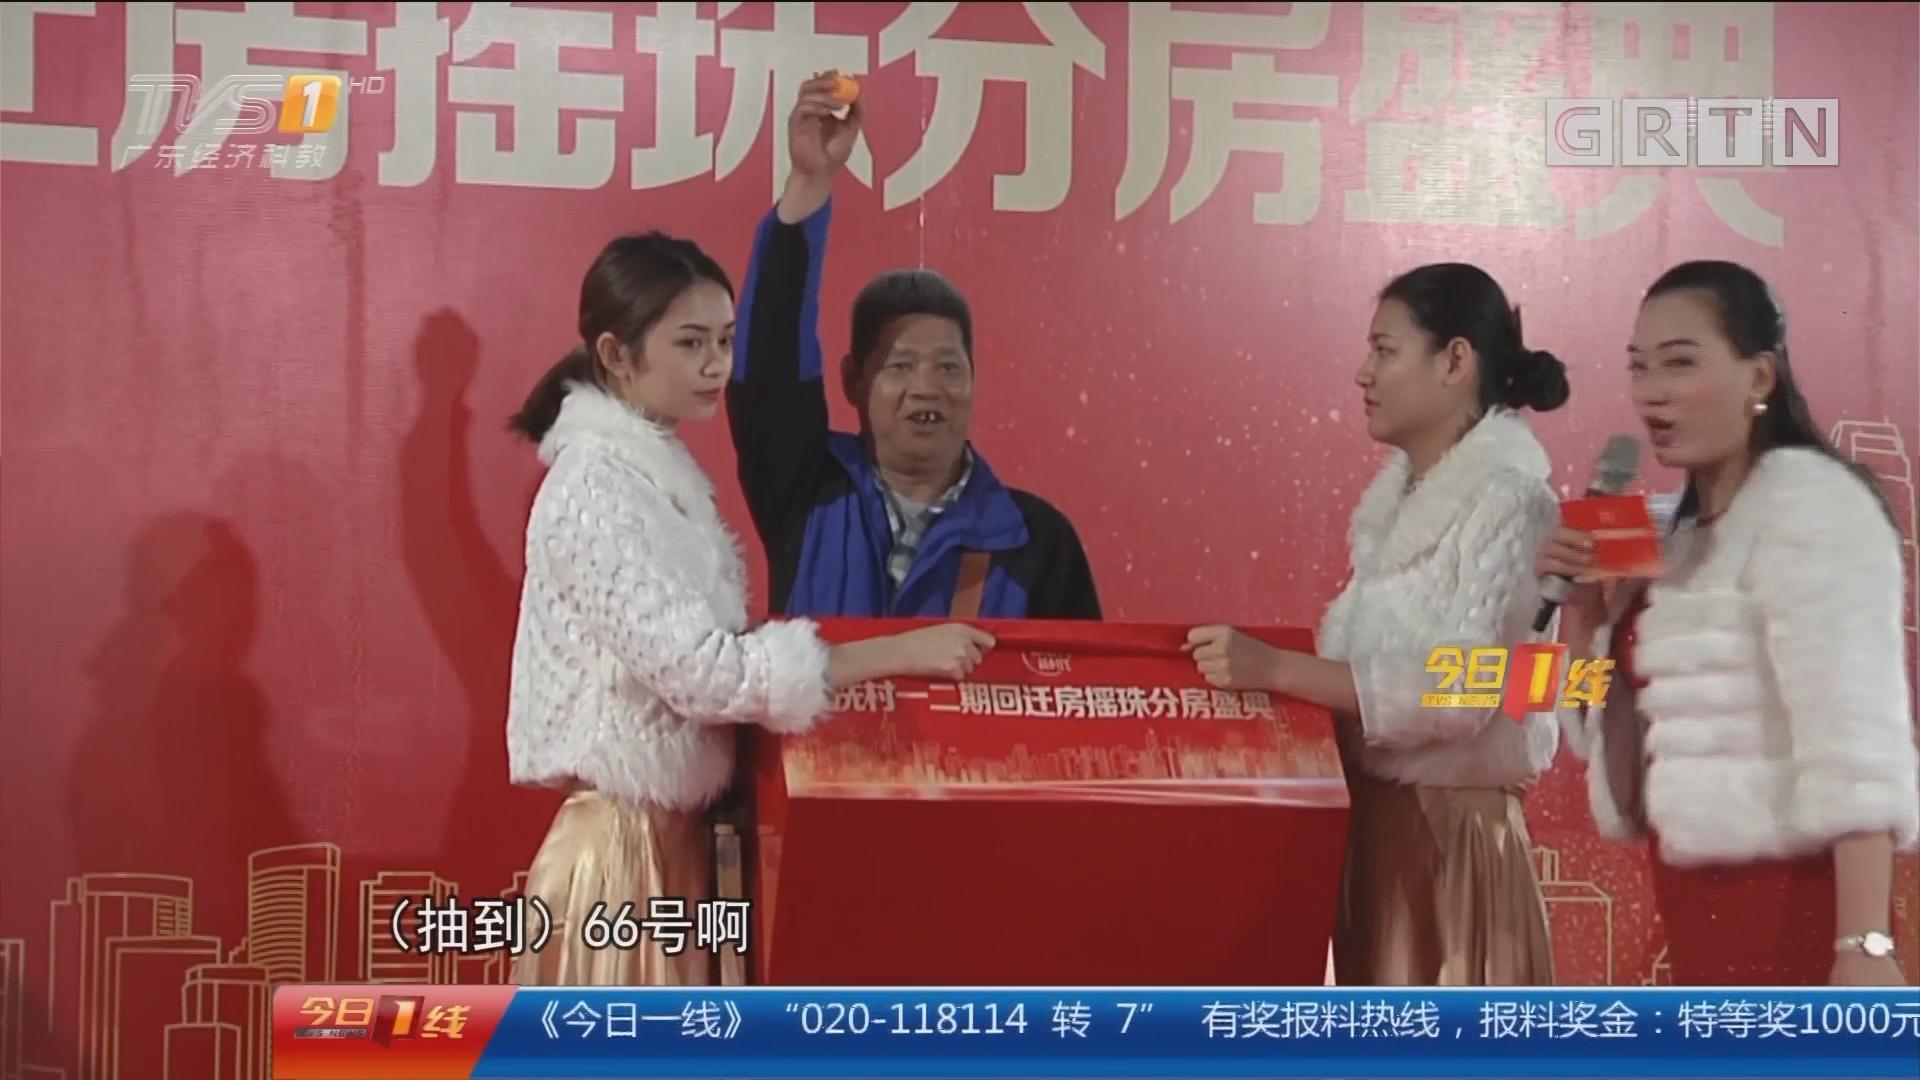 广州:冼村本次共1296套房源 一期春节前可入住